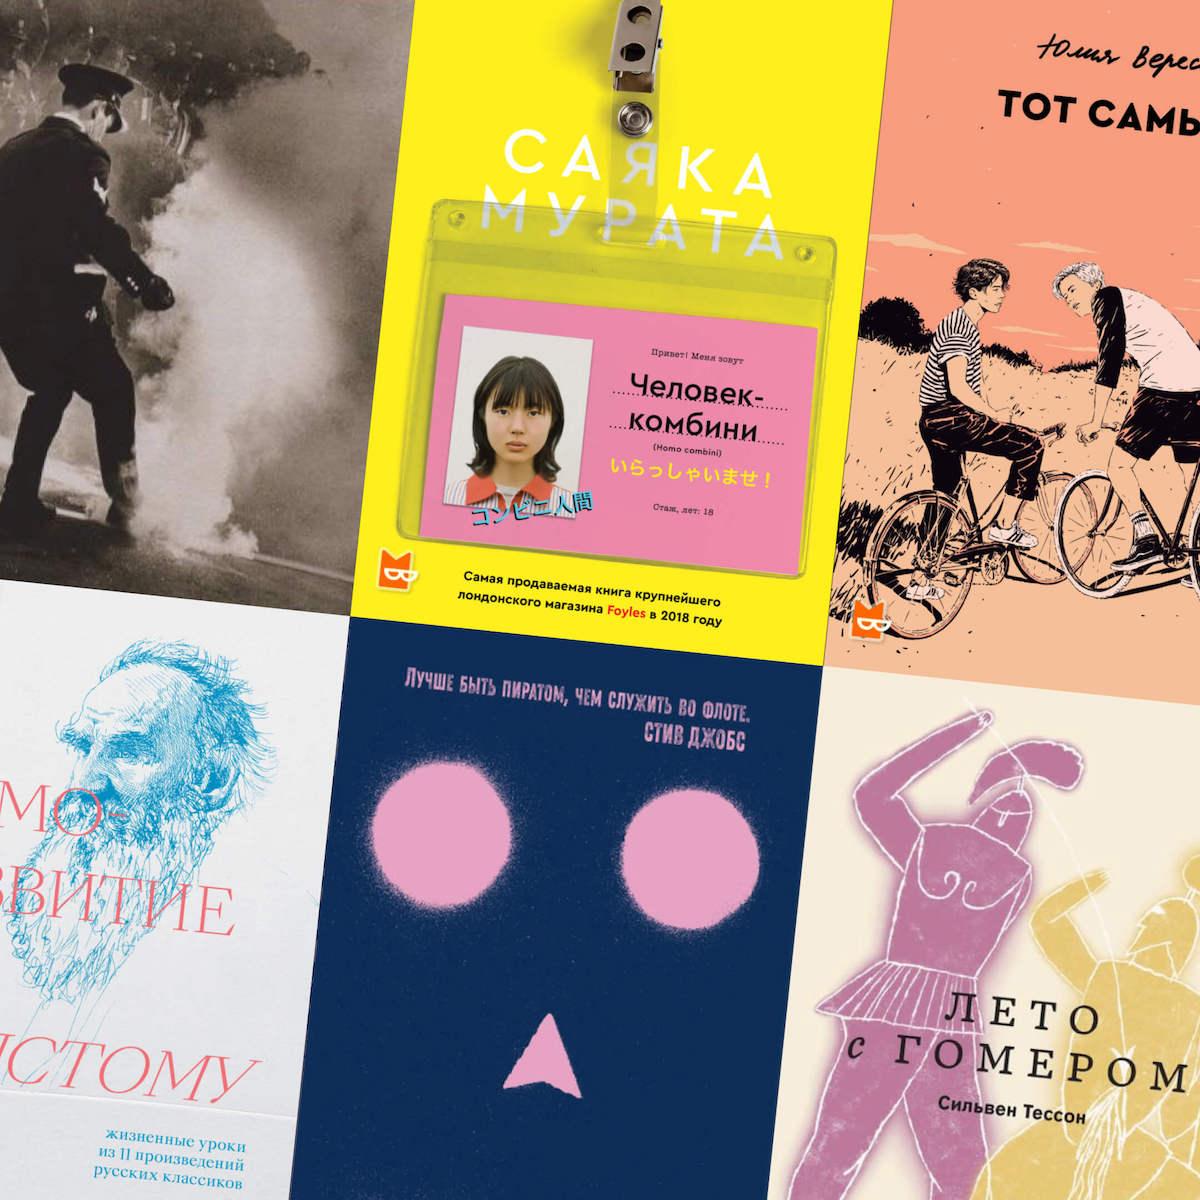 Обложки книг: «Искусство игород», «Человек-комбини», «Тот самый», «Саморазвитие поТолстому», «Быть пиратом» и«Лето сГомером». Все эти книги можно найти наполках изнашей статьи